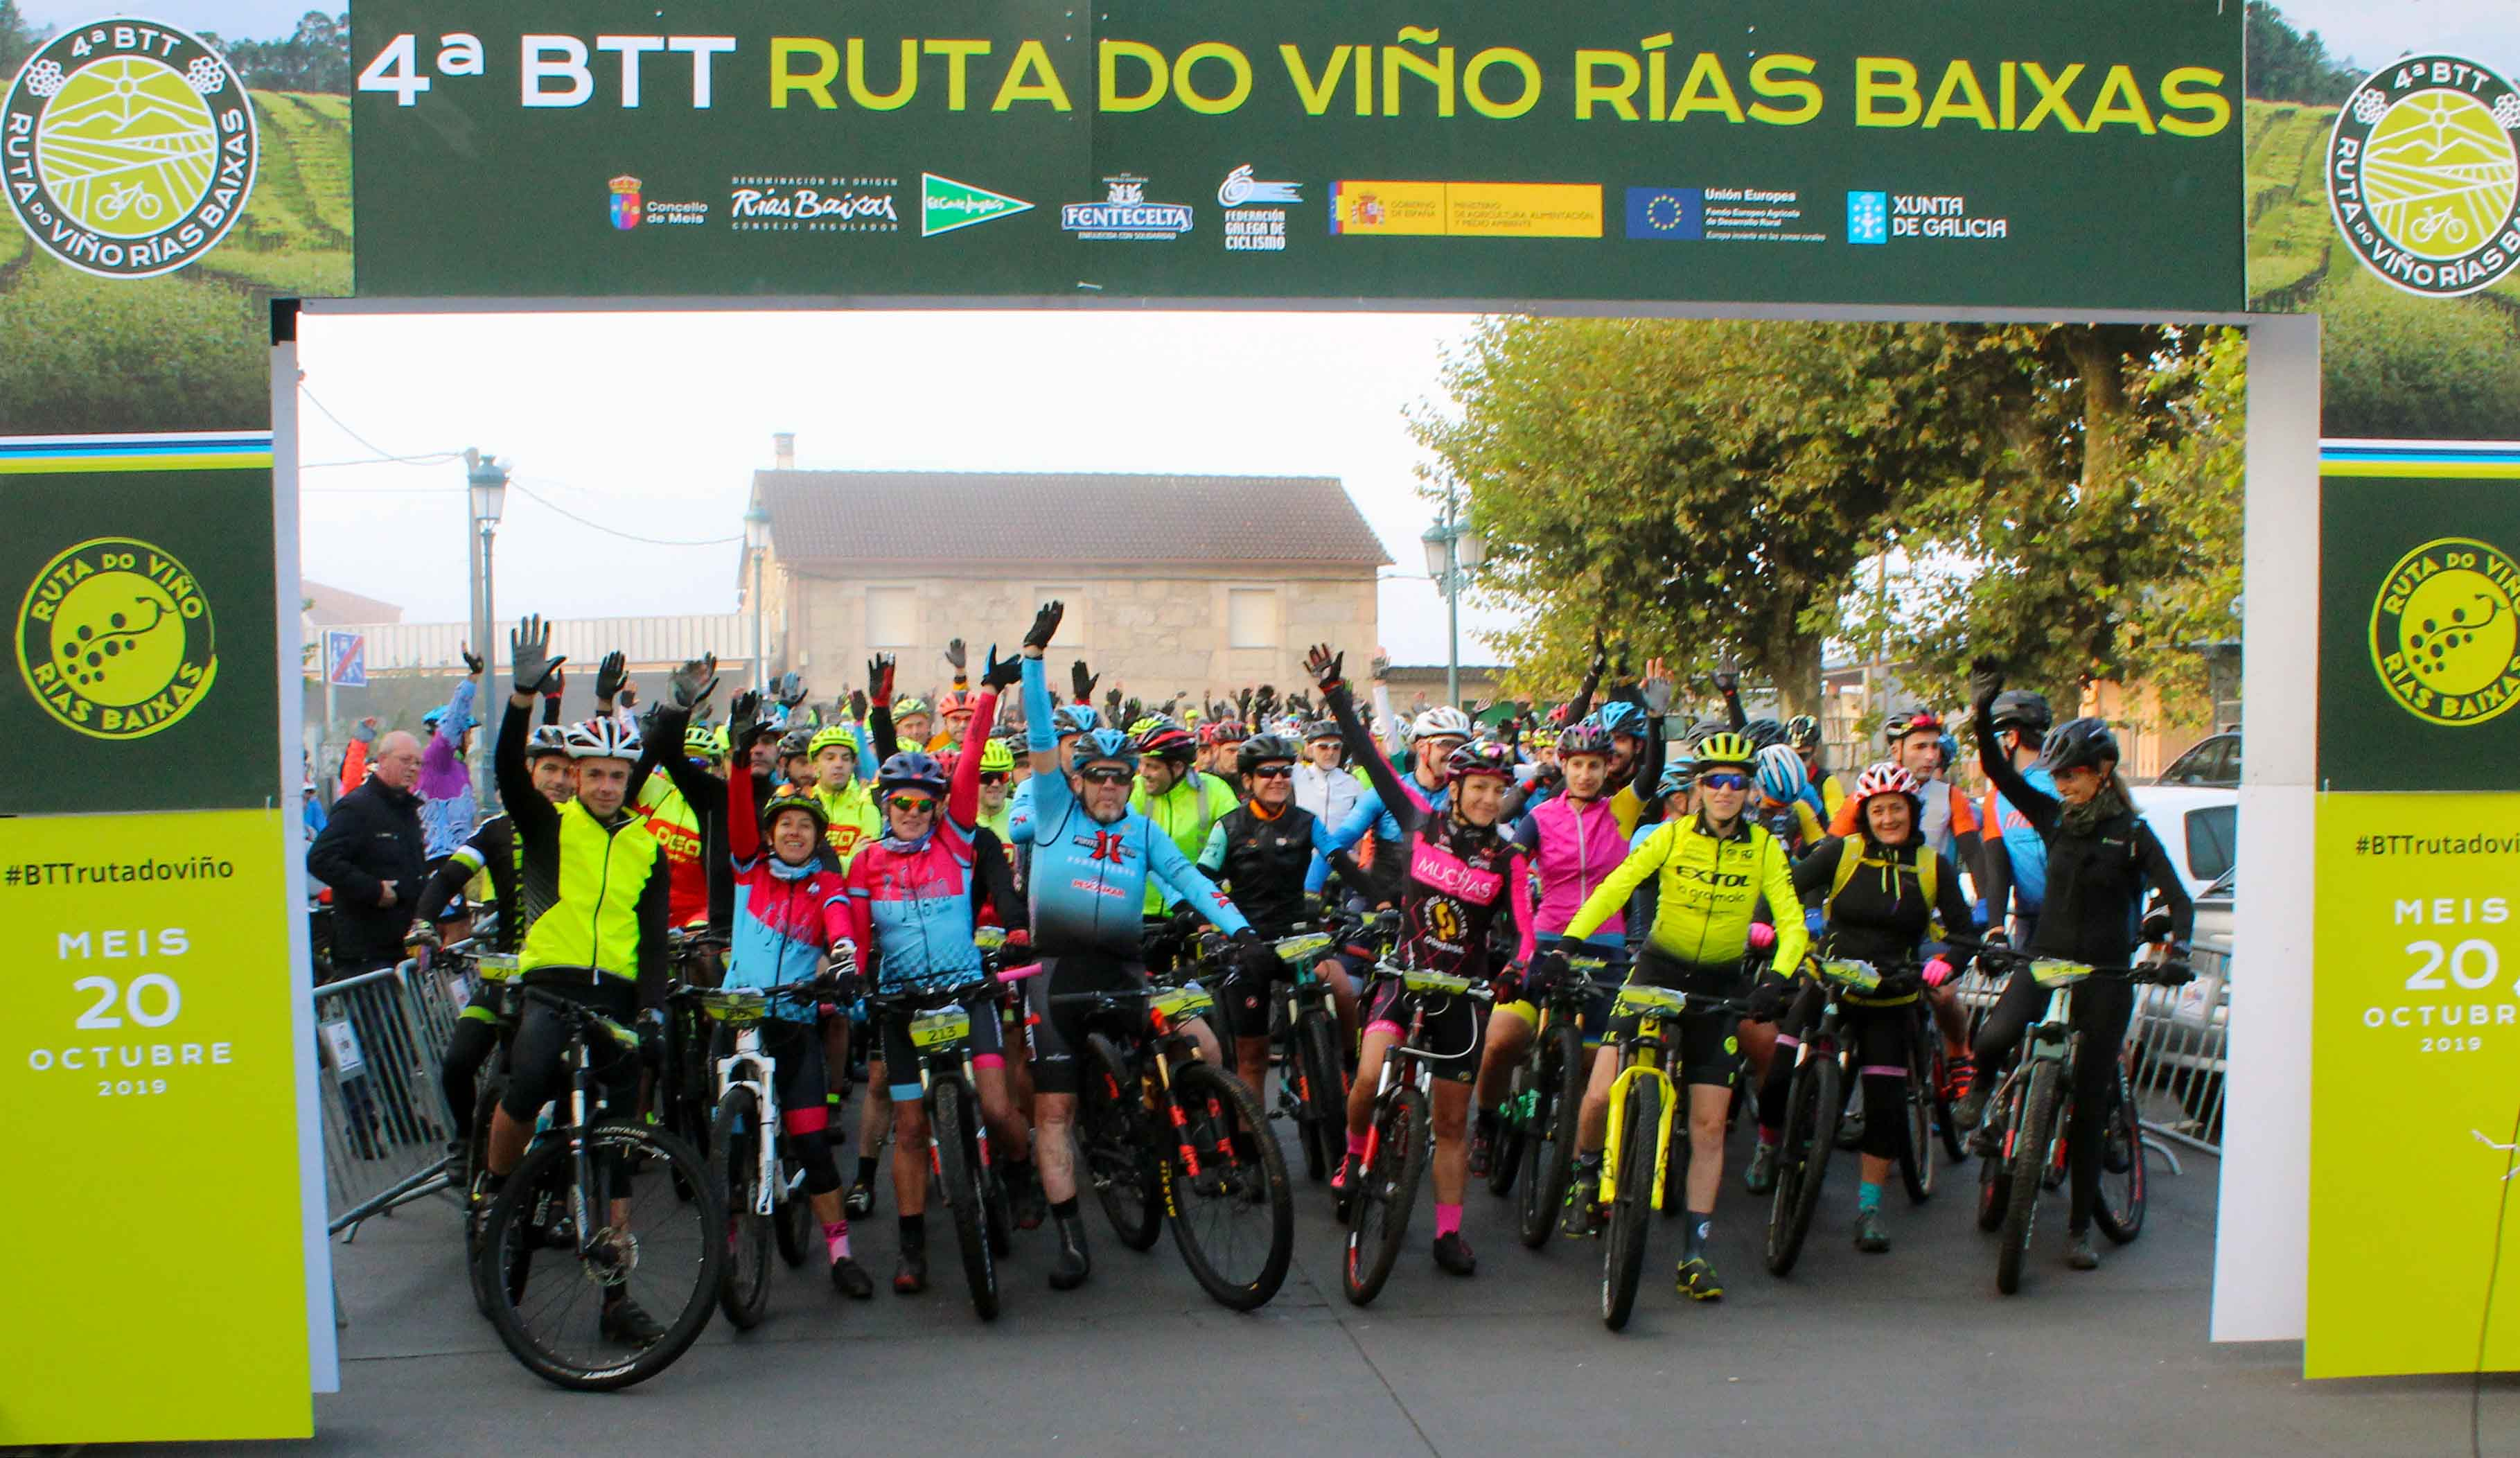 Más de 200 amantes del ciclismo participaron en la 4ª BTT Ruta do Viño Rías Baixas celebrada en Meis